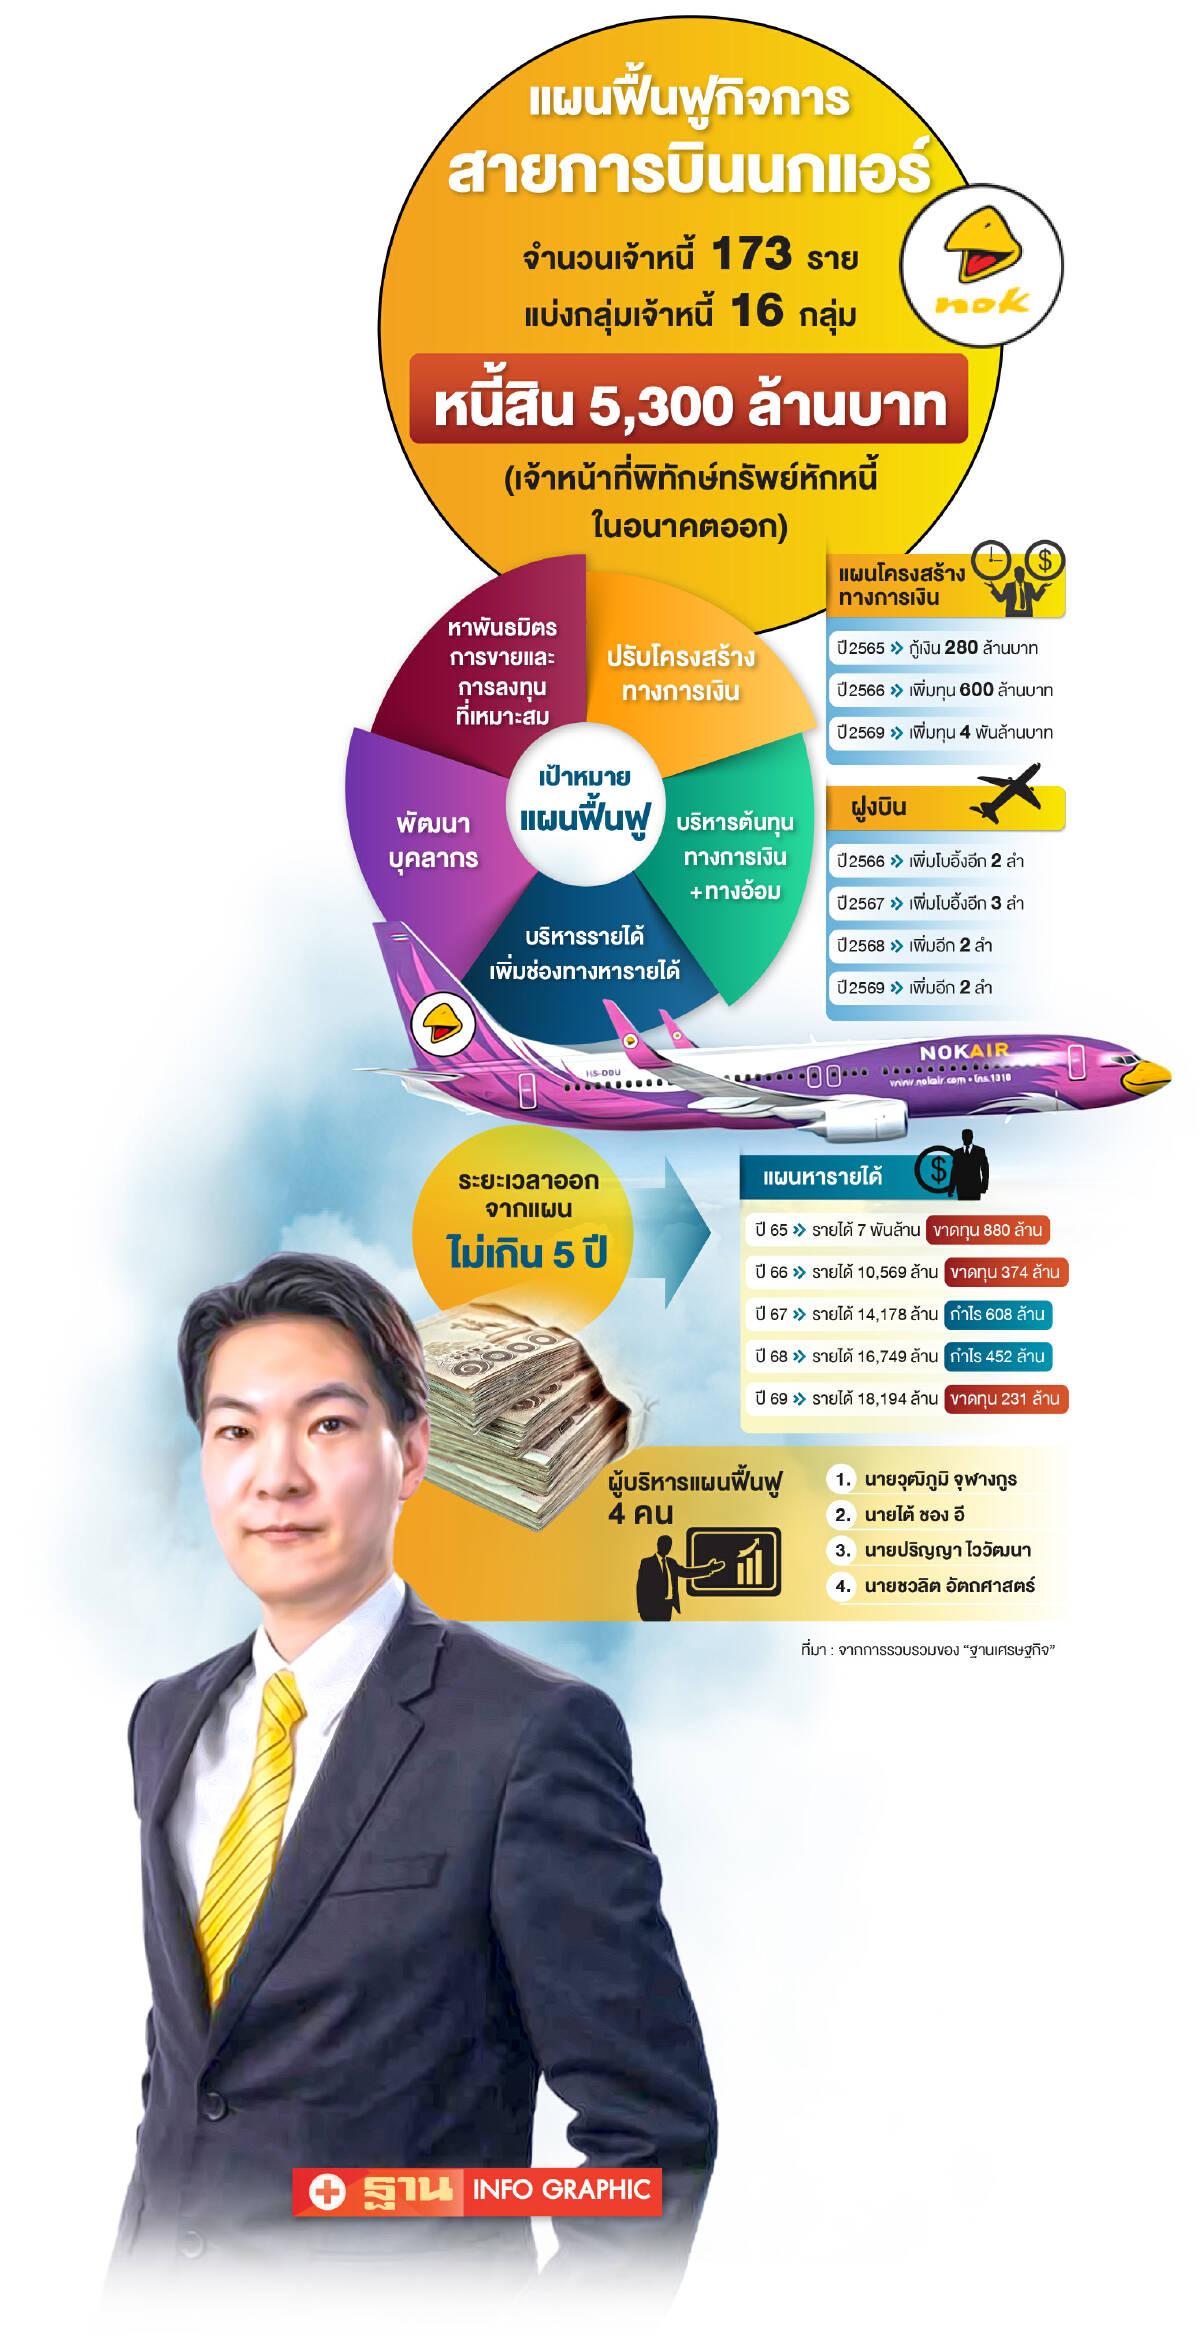 """""""นกแอร์""""เปิดแผนฟื้นฟูกิจการ เพิ่มทุน 4 พันล้าน-ล้างหนี้ 5.3 พันล.ใน 5 ปี"""